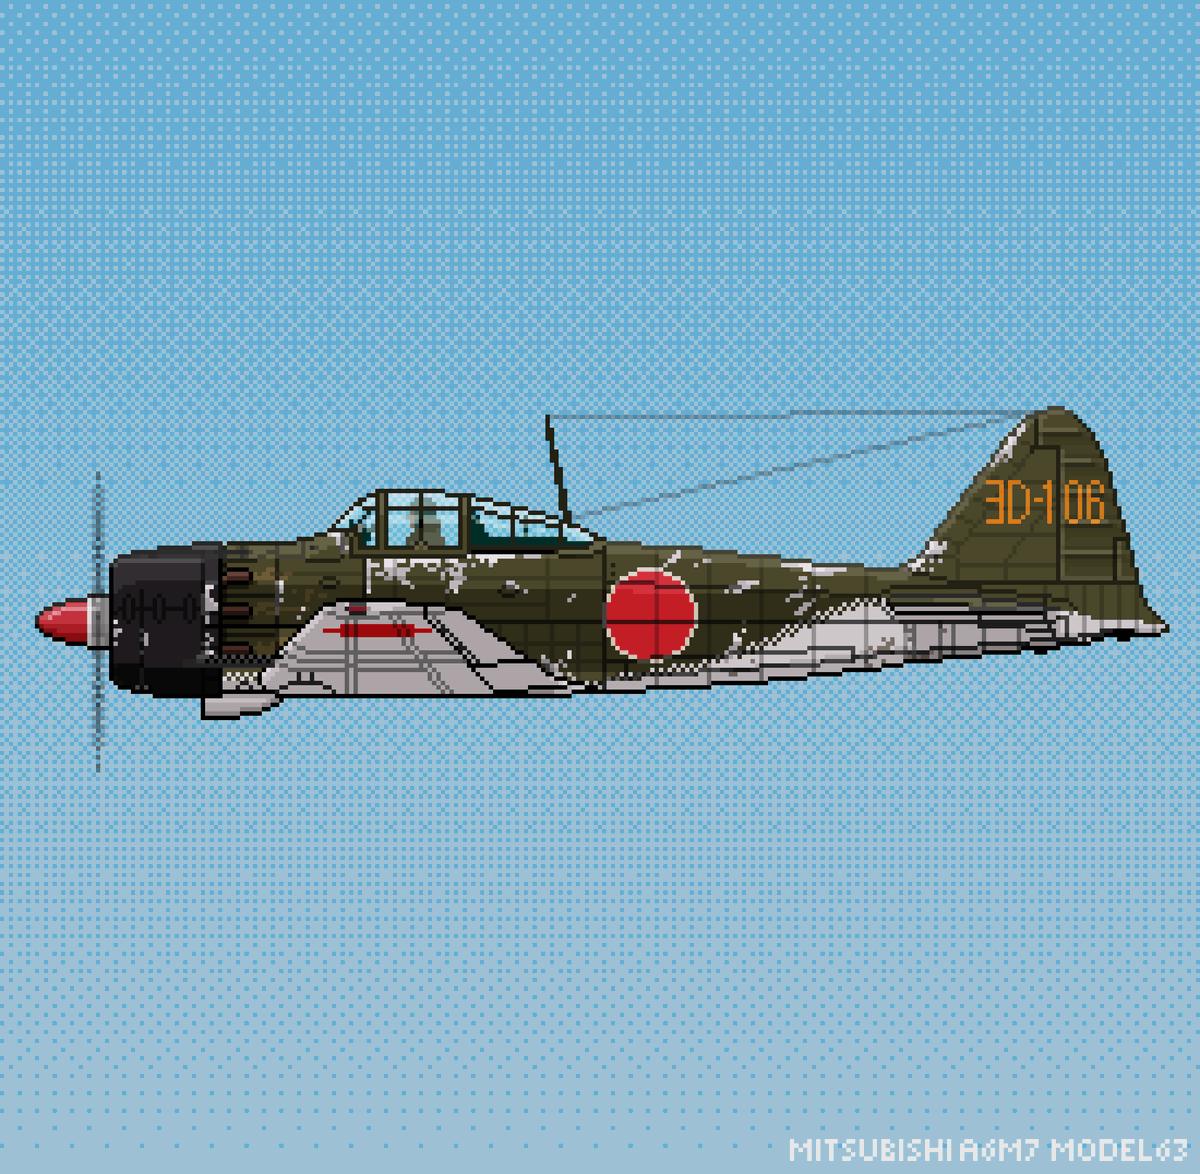 WW2 Pixelplanes – Today the A6M7 Zero #zero #a6m7 #mitsubishi #zeroplane #zeropixelart #pixelart #mitsubishi #art #avgeek #avnerd #pixel_art #pixelartist #pixels #pixel #aviation #aviationeverywhere #aviationdaily #warbird #warbirds #ww2 #asprite #digitalartist #16bit #ドット絵pic.twitter.com/W7iPdwUOQ7